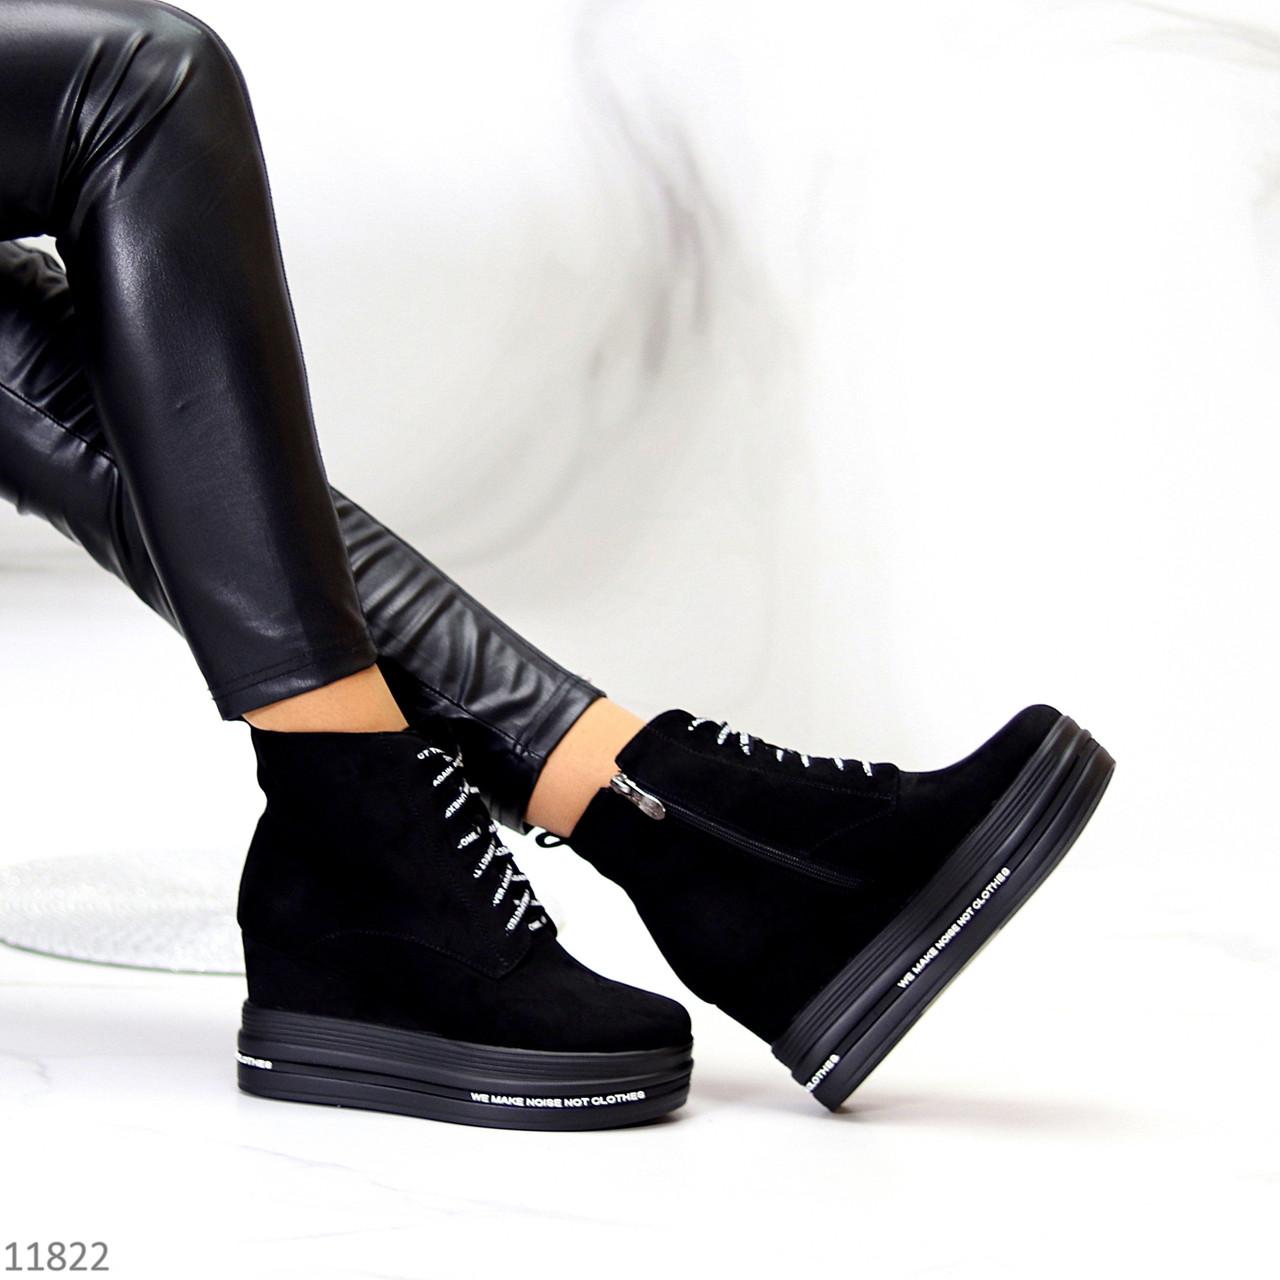 Модельные черные замшевые женские ботинки ботильоны на платформе танкетке